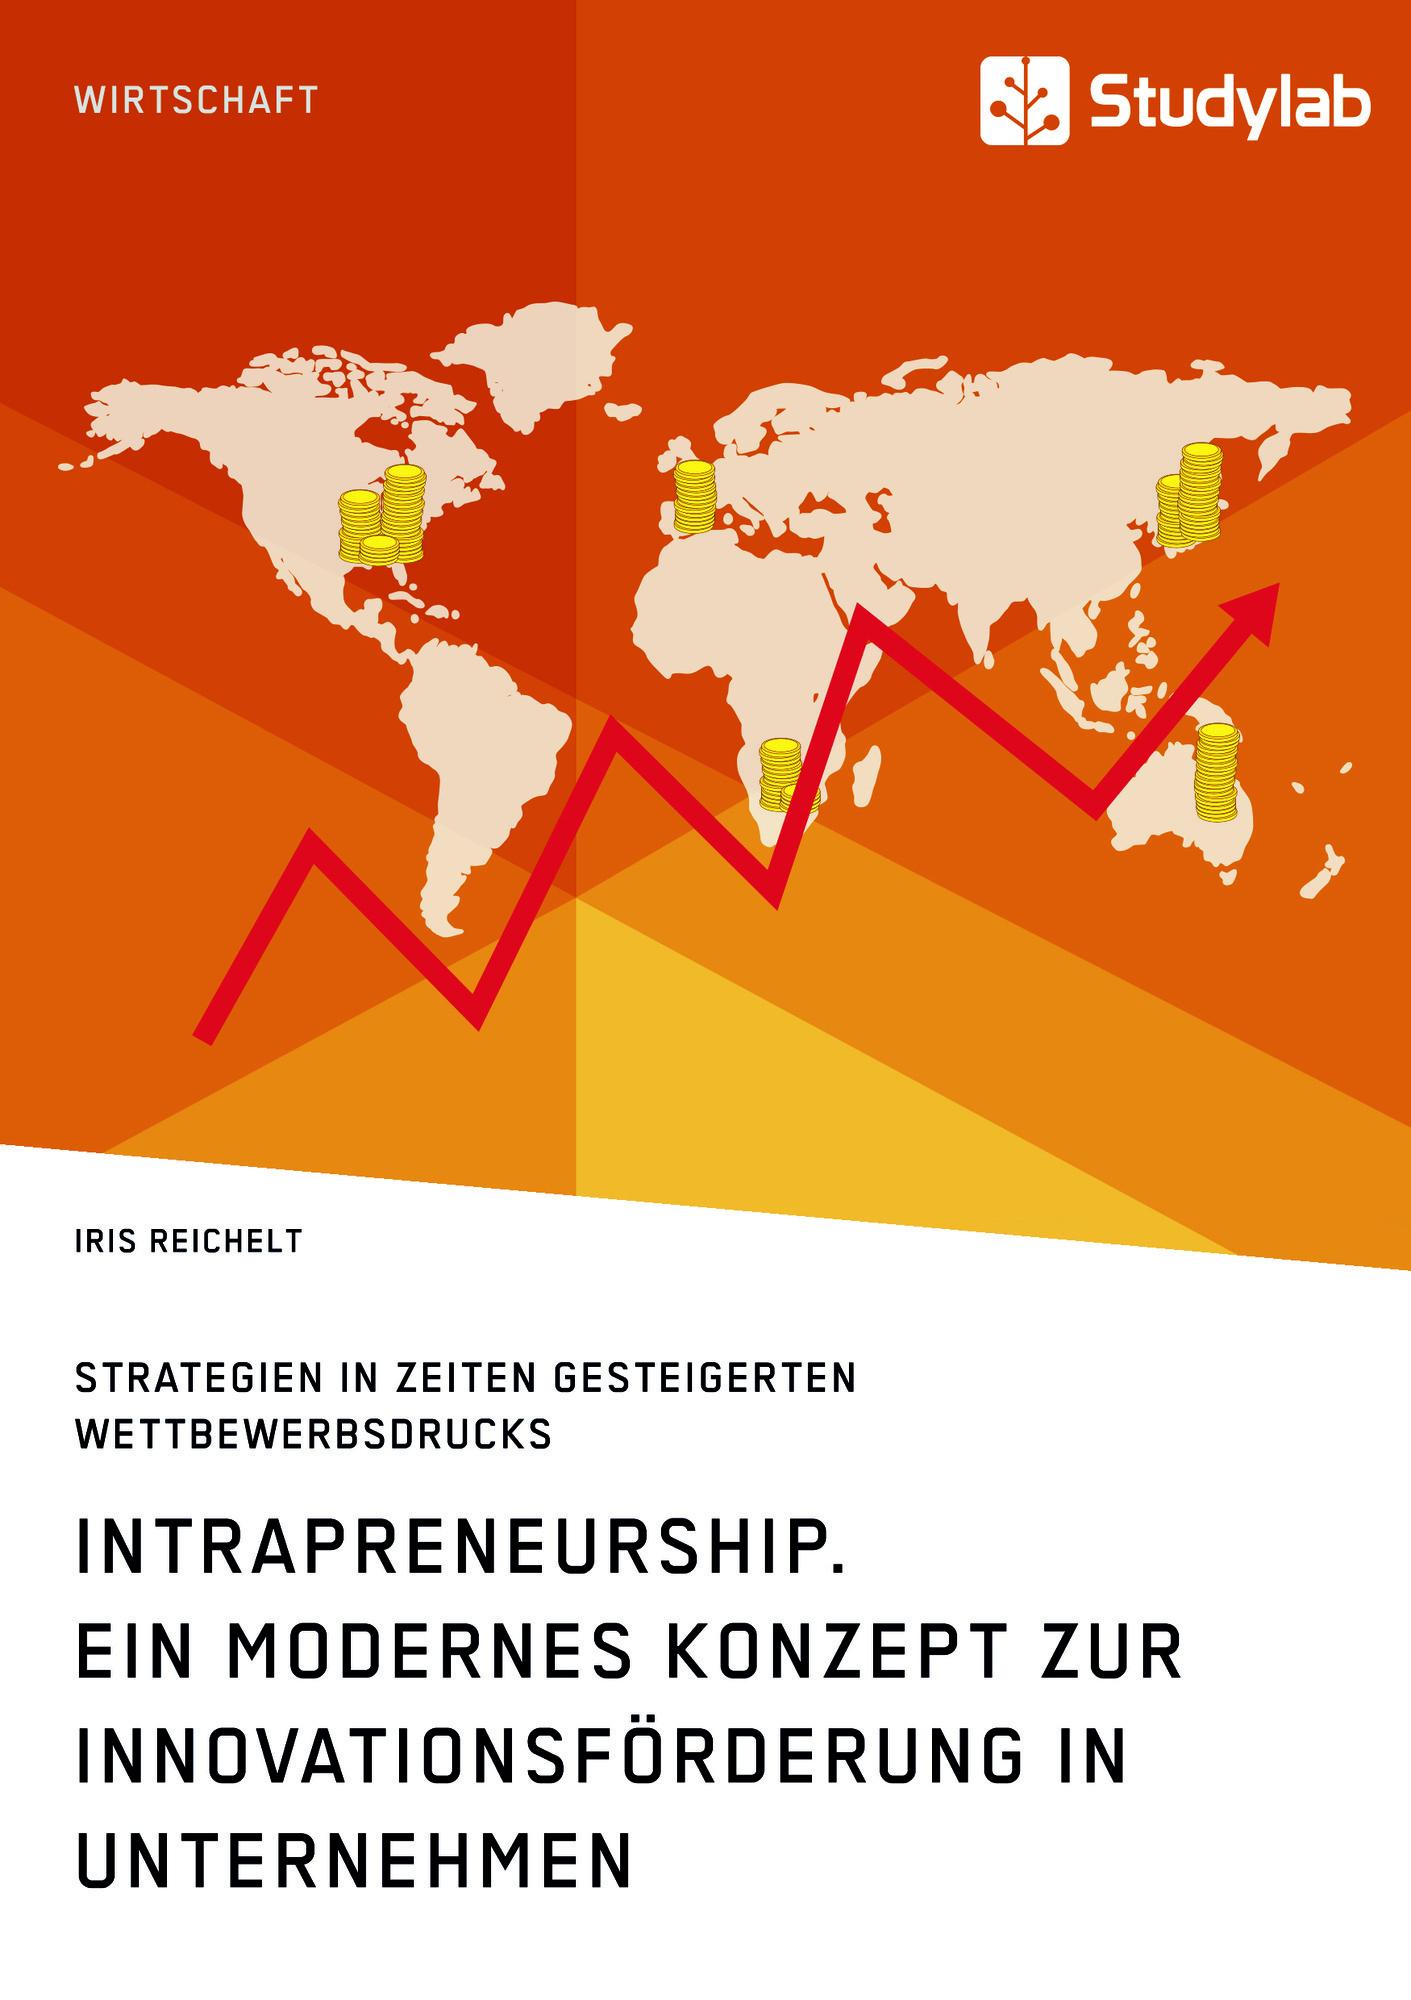 Titel: Intrapreneurship. Ein modernes Konzept zur Innovationsförderung in Unternehmen